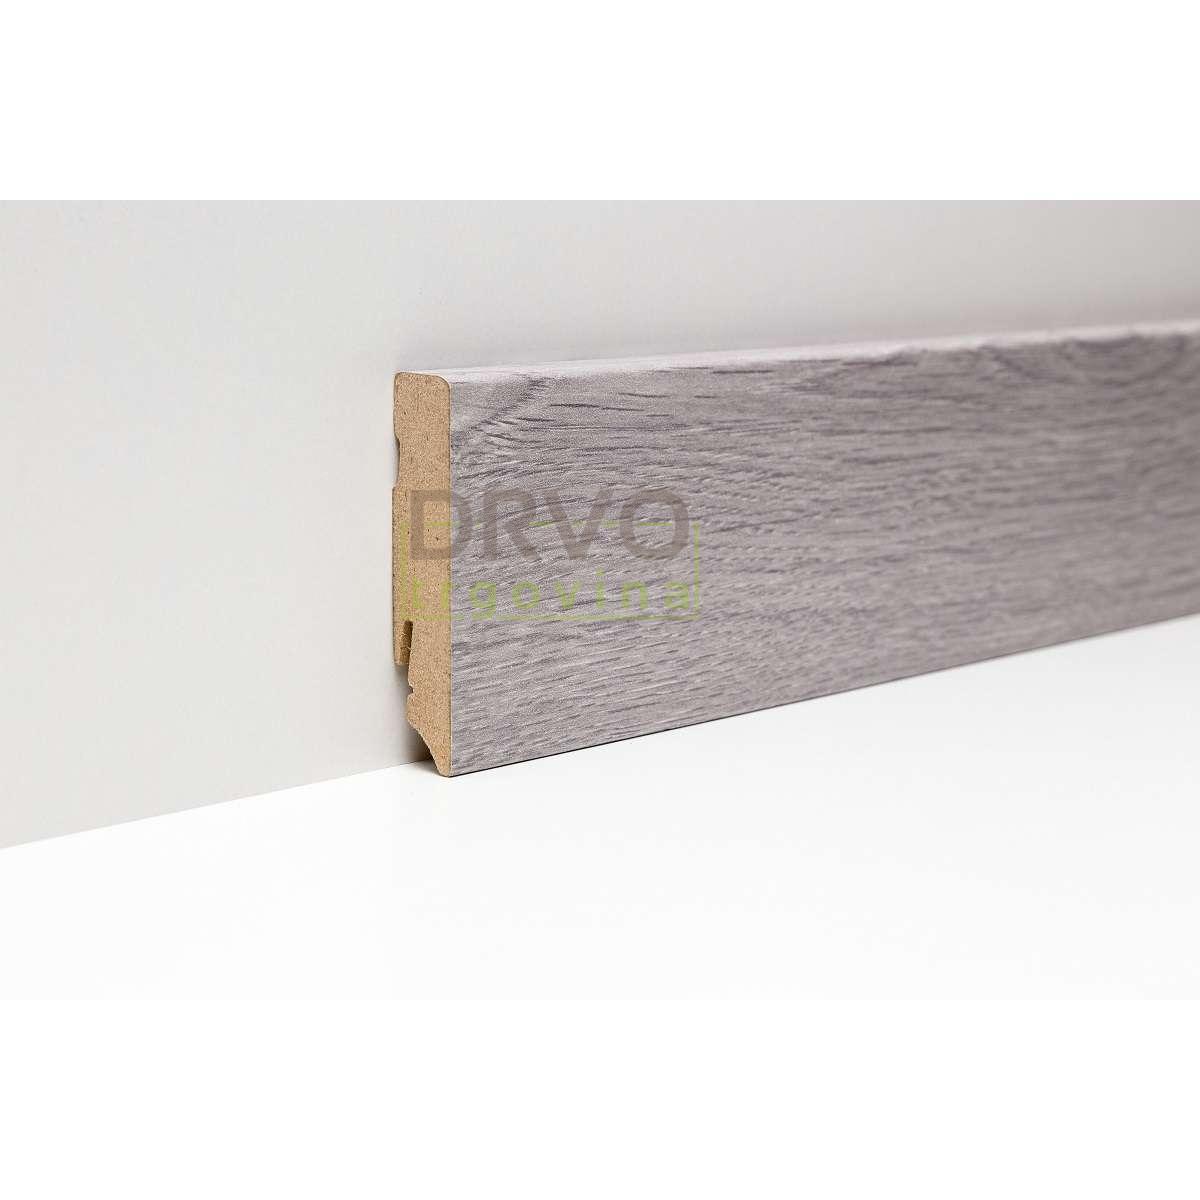 LETVICA ZA LAMINAT 70mm FOEI469 SF446L 5542/K271/K035/K036/K037/K039  2,4m